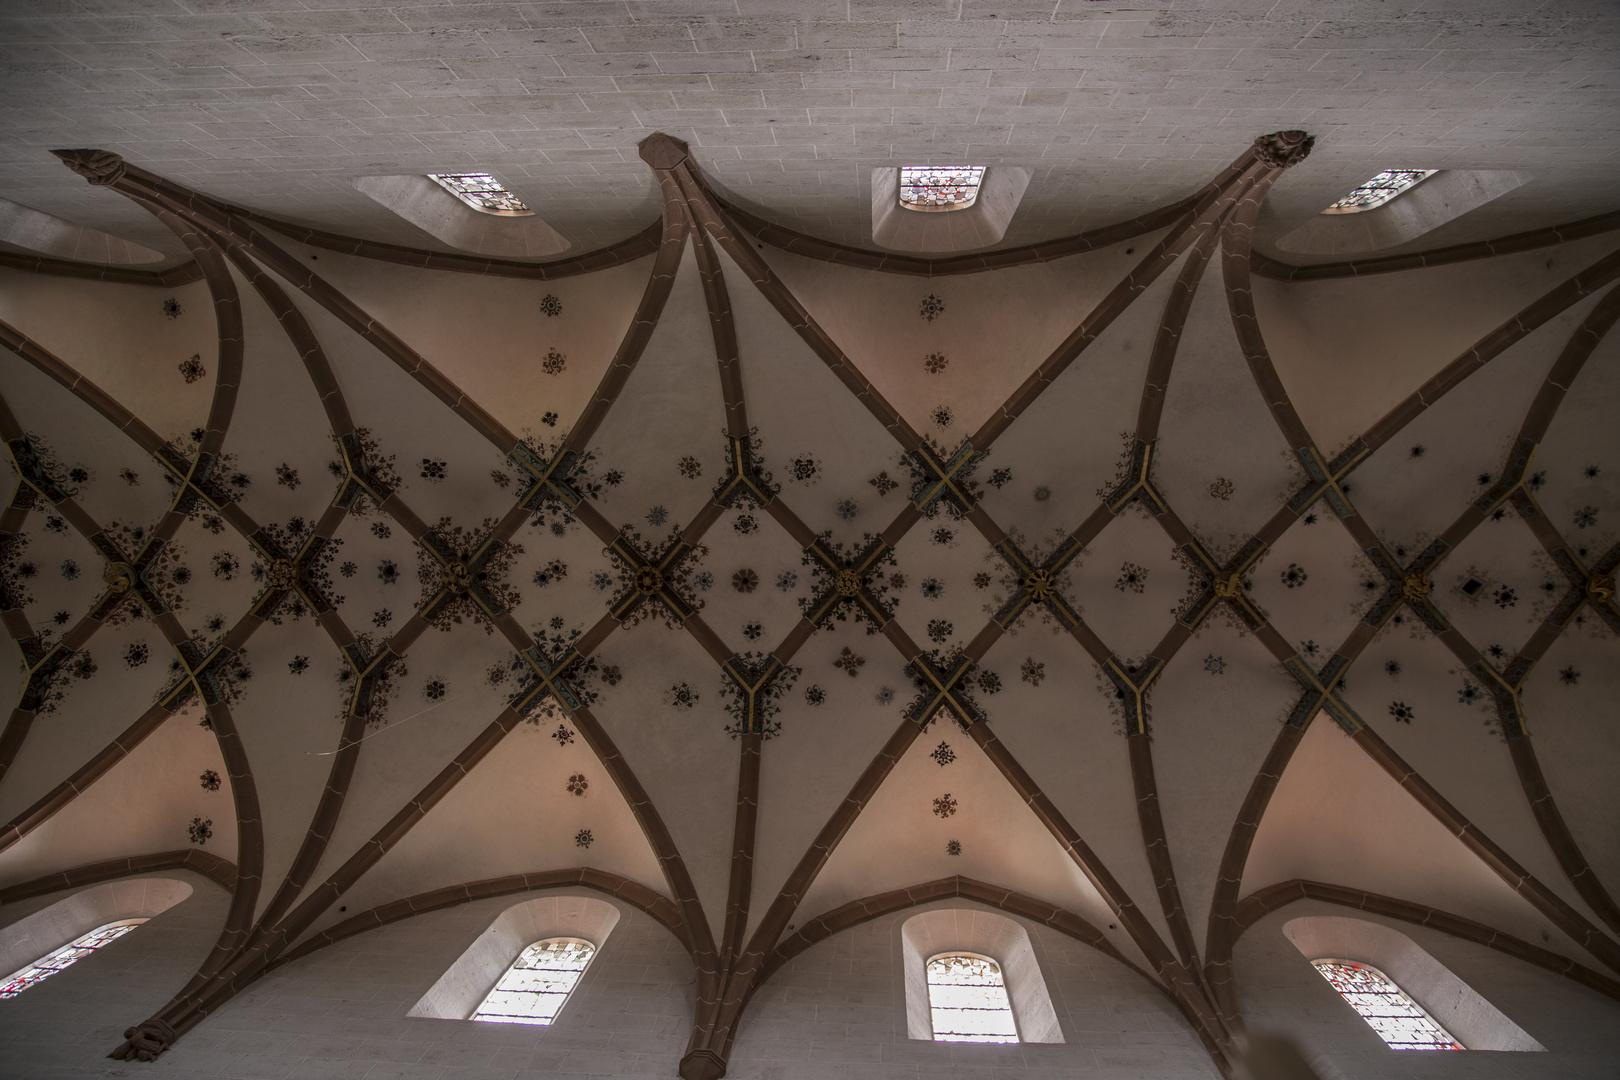 Kloster Maulbronn Welt-Kulturerbe 5